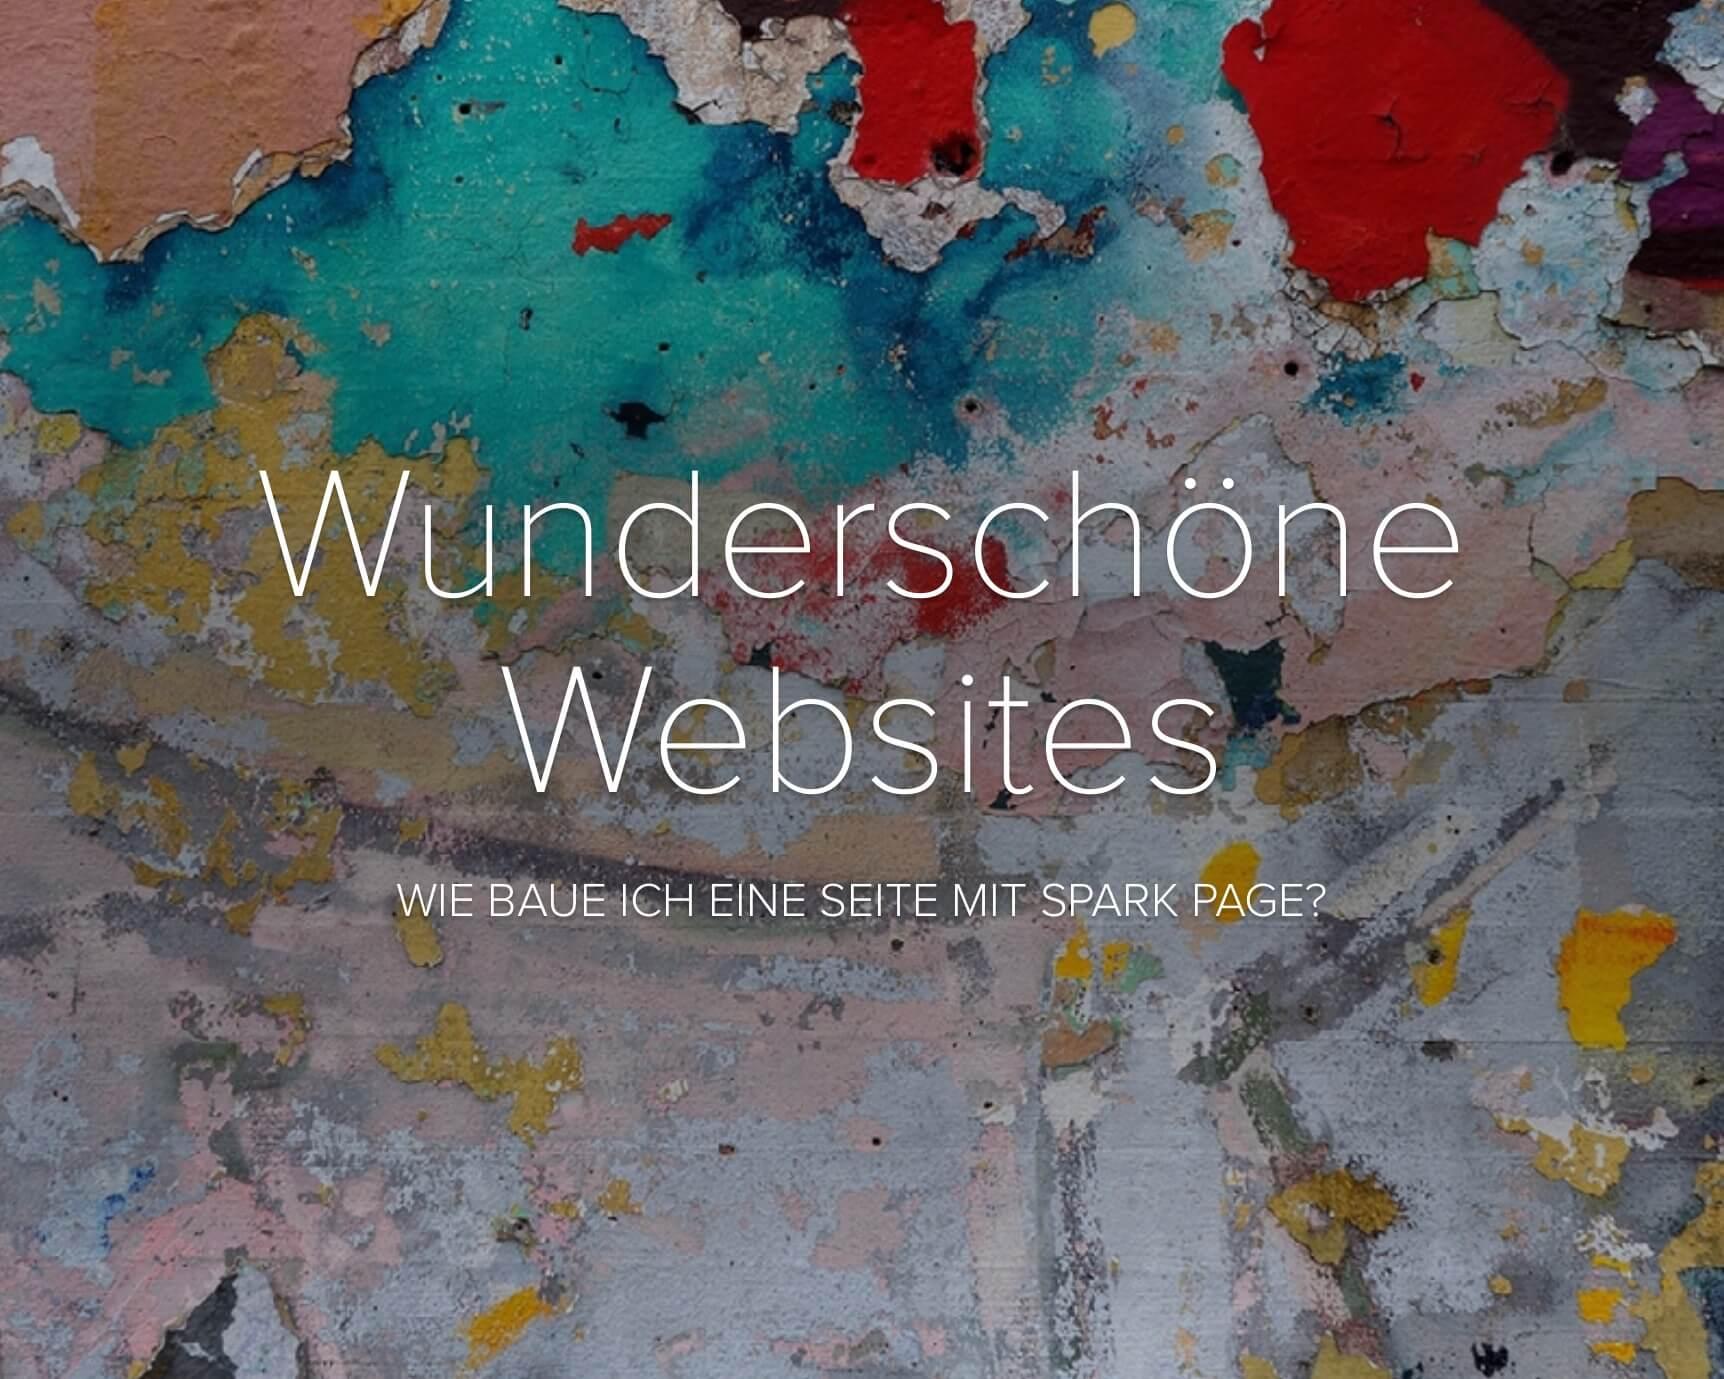 Wunderschöne Websites - eine SparkPage-Beispielseite mit Tutorial